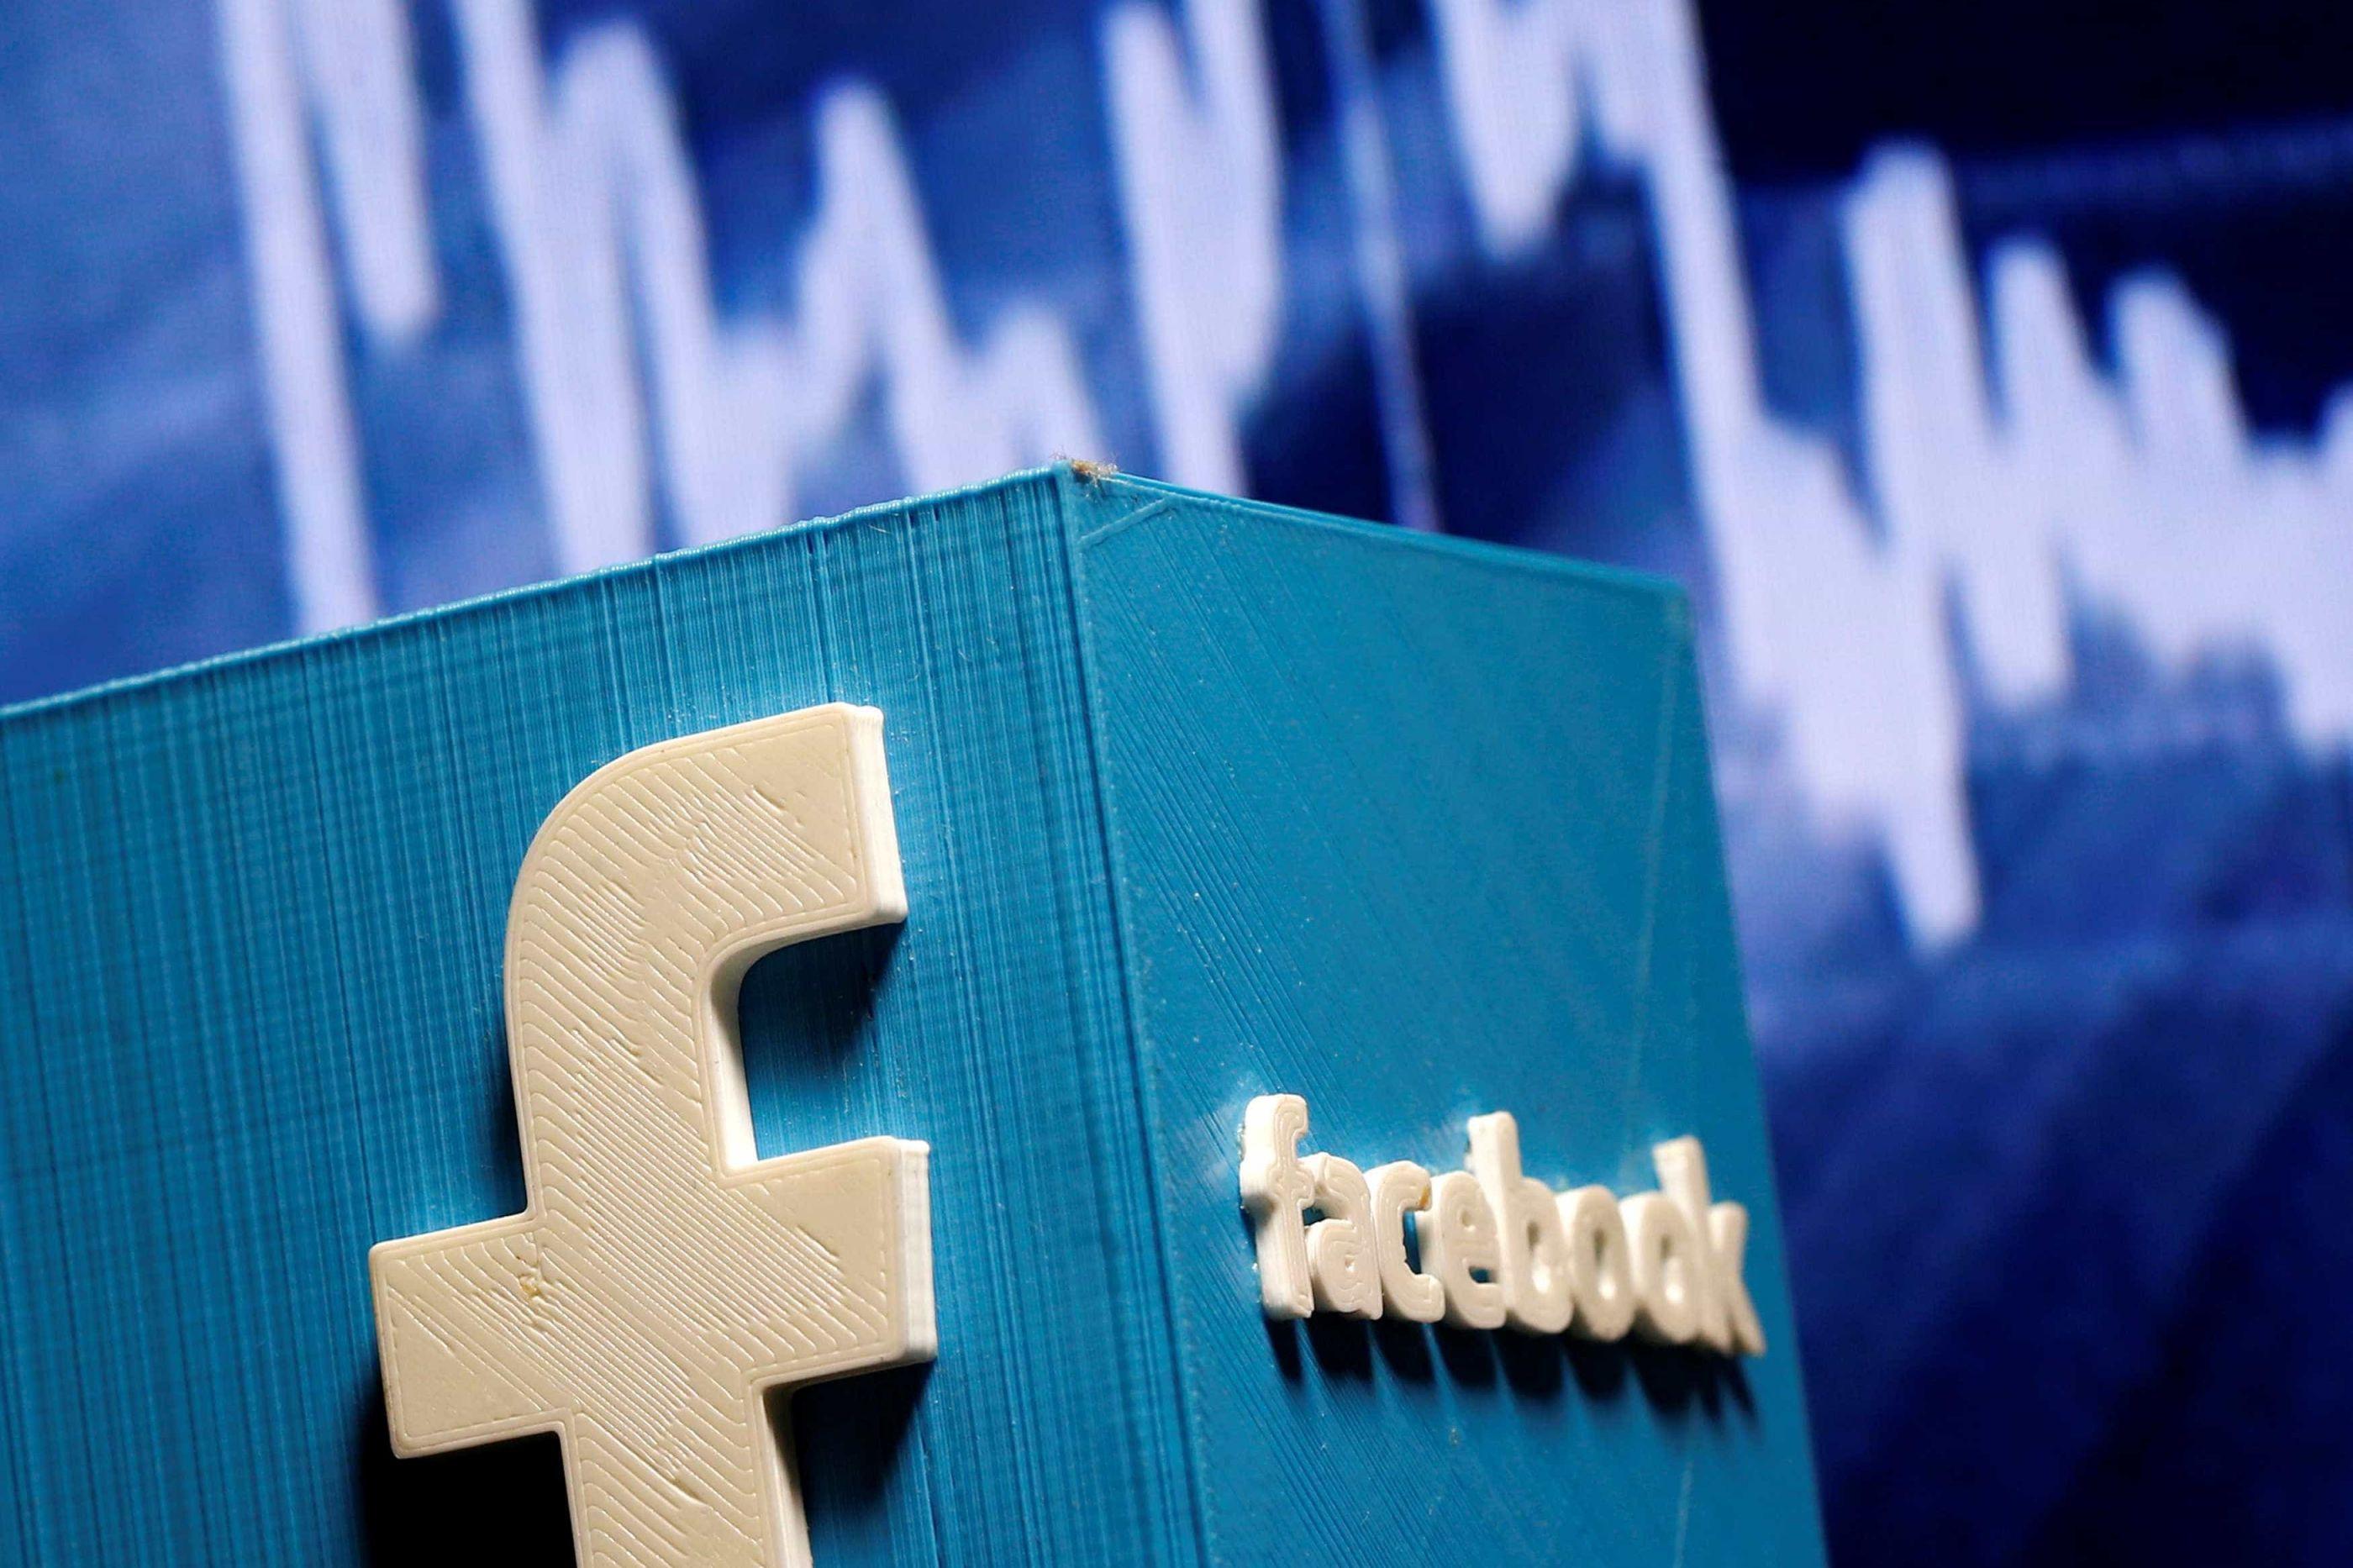 É comportado nas redes sociais? Facebook vai dar notas para usuários